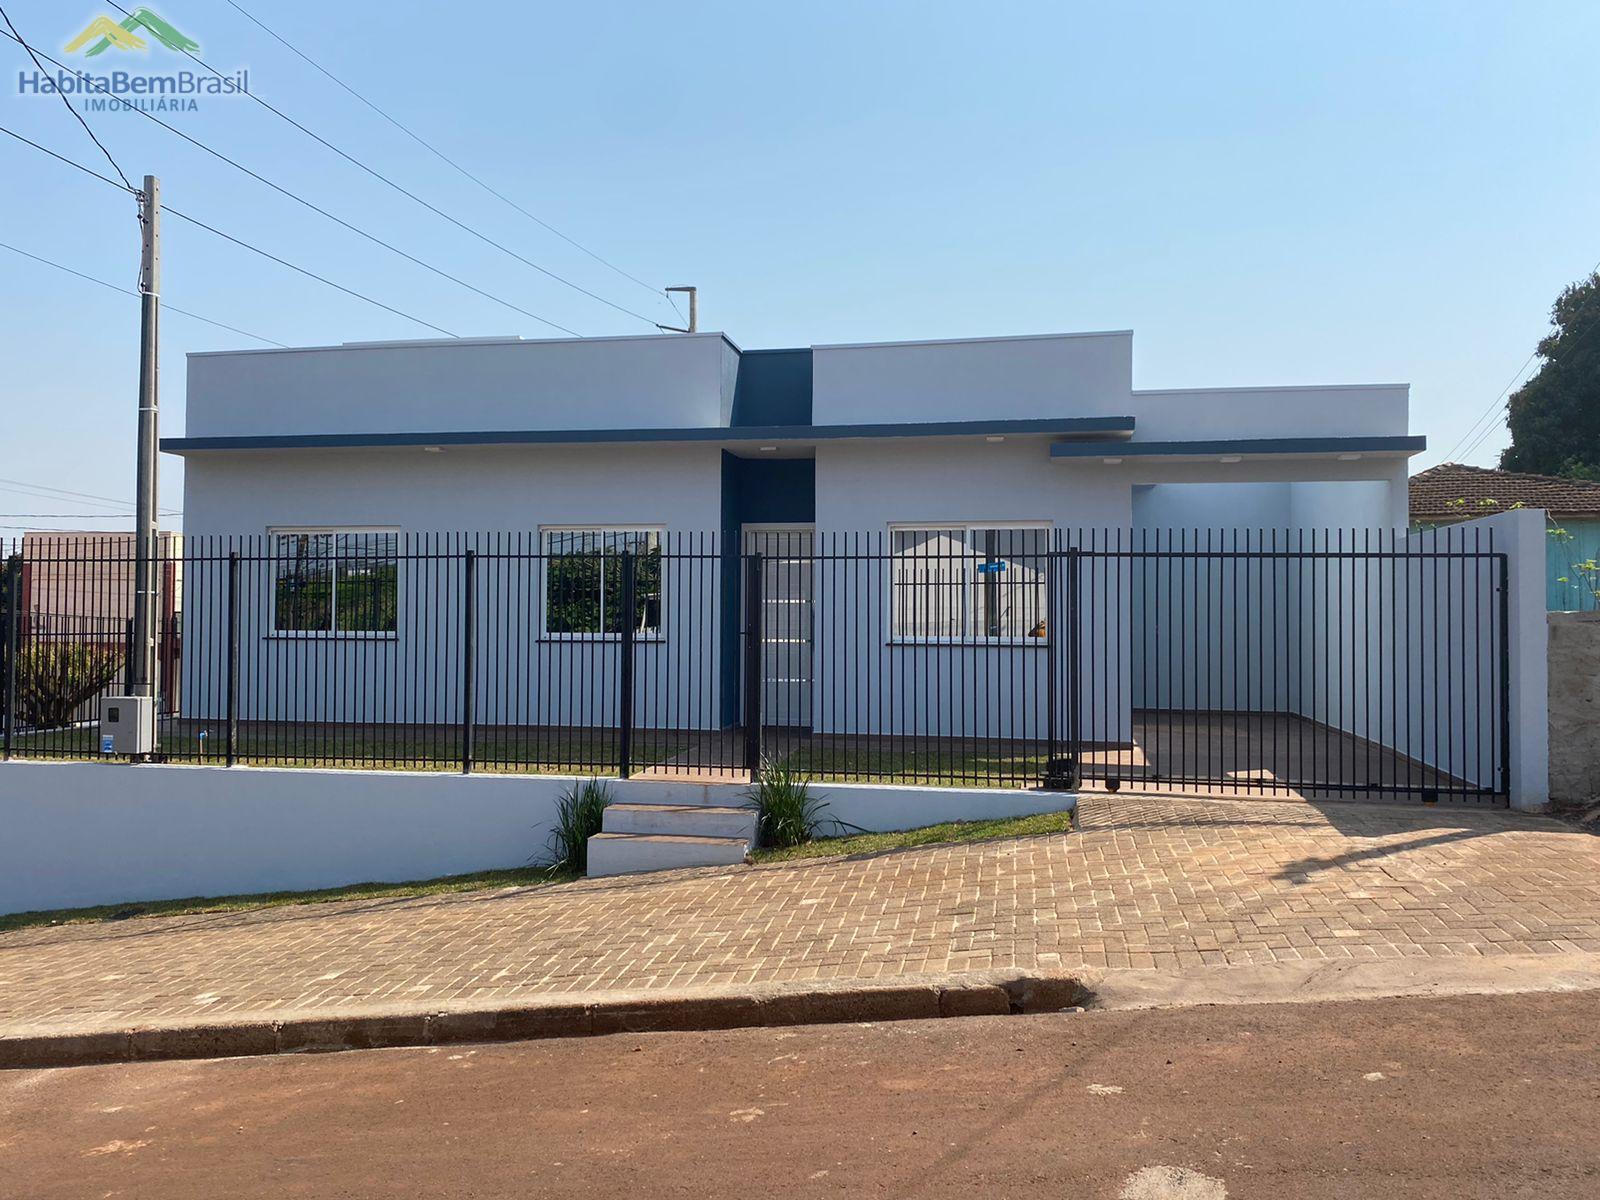 Casa com 2 dormitórios à venda, JARDIM BRESSAN, TOLEDO - PR